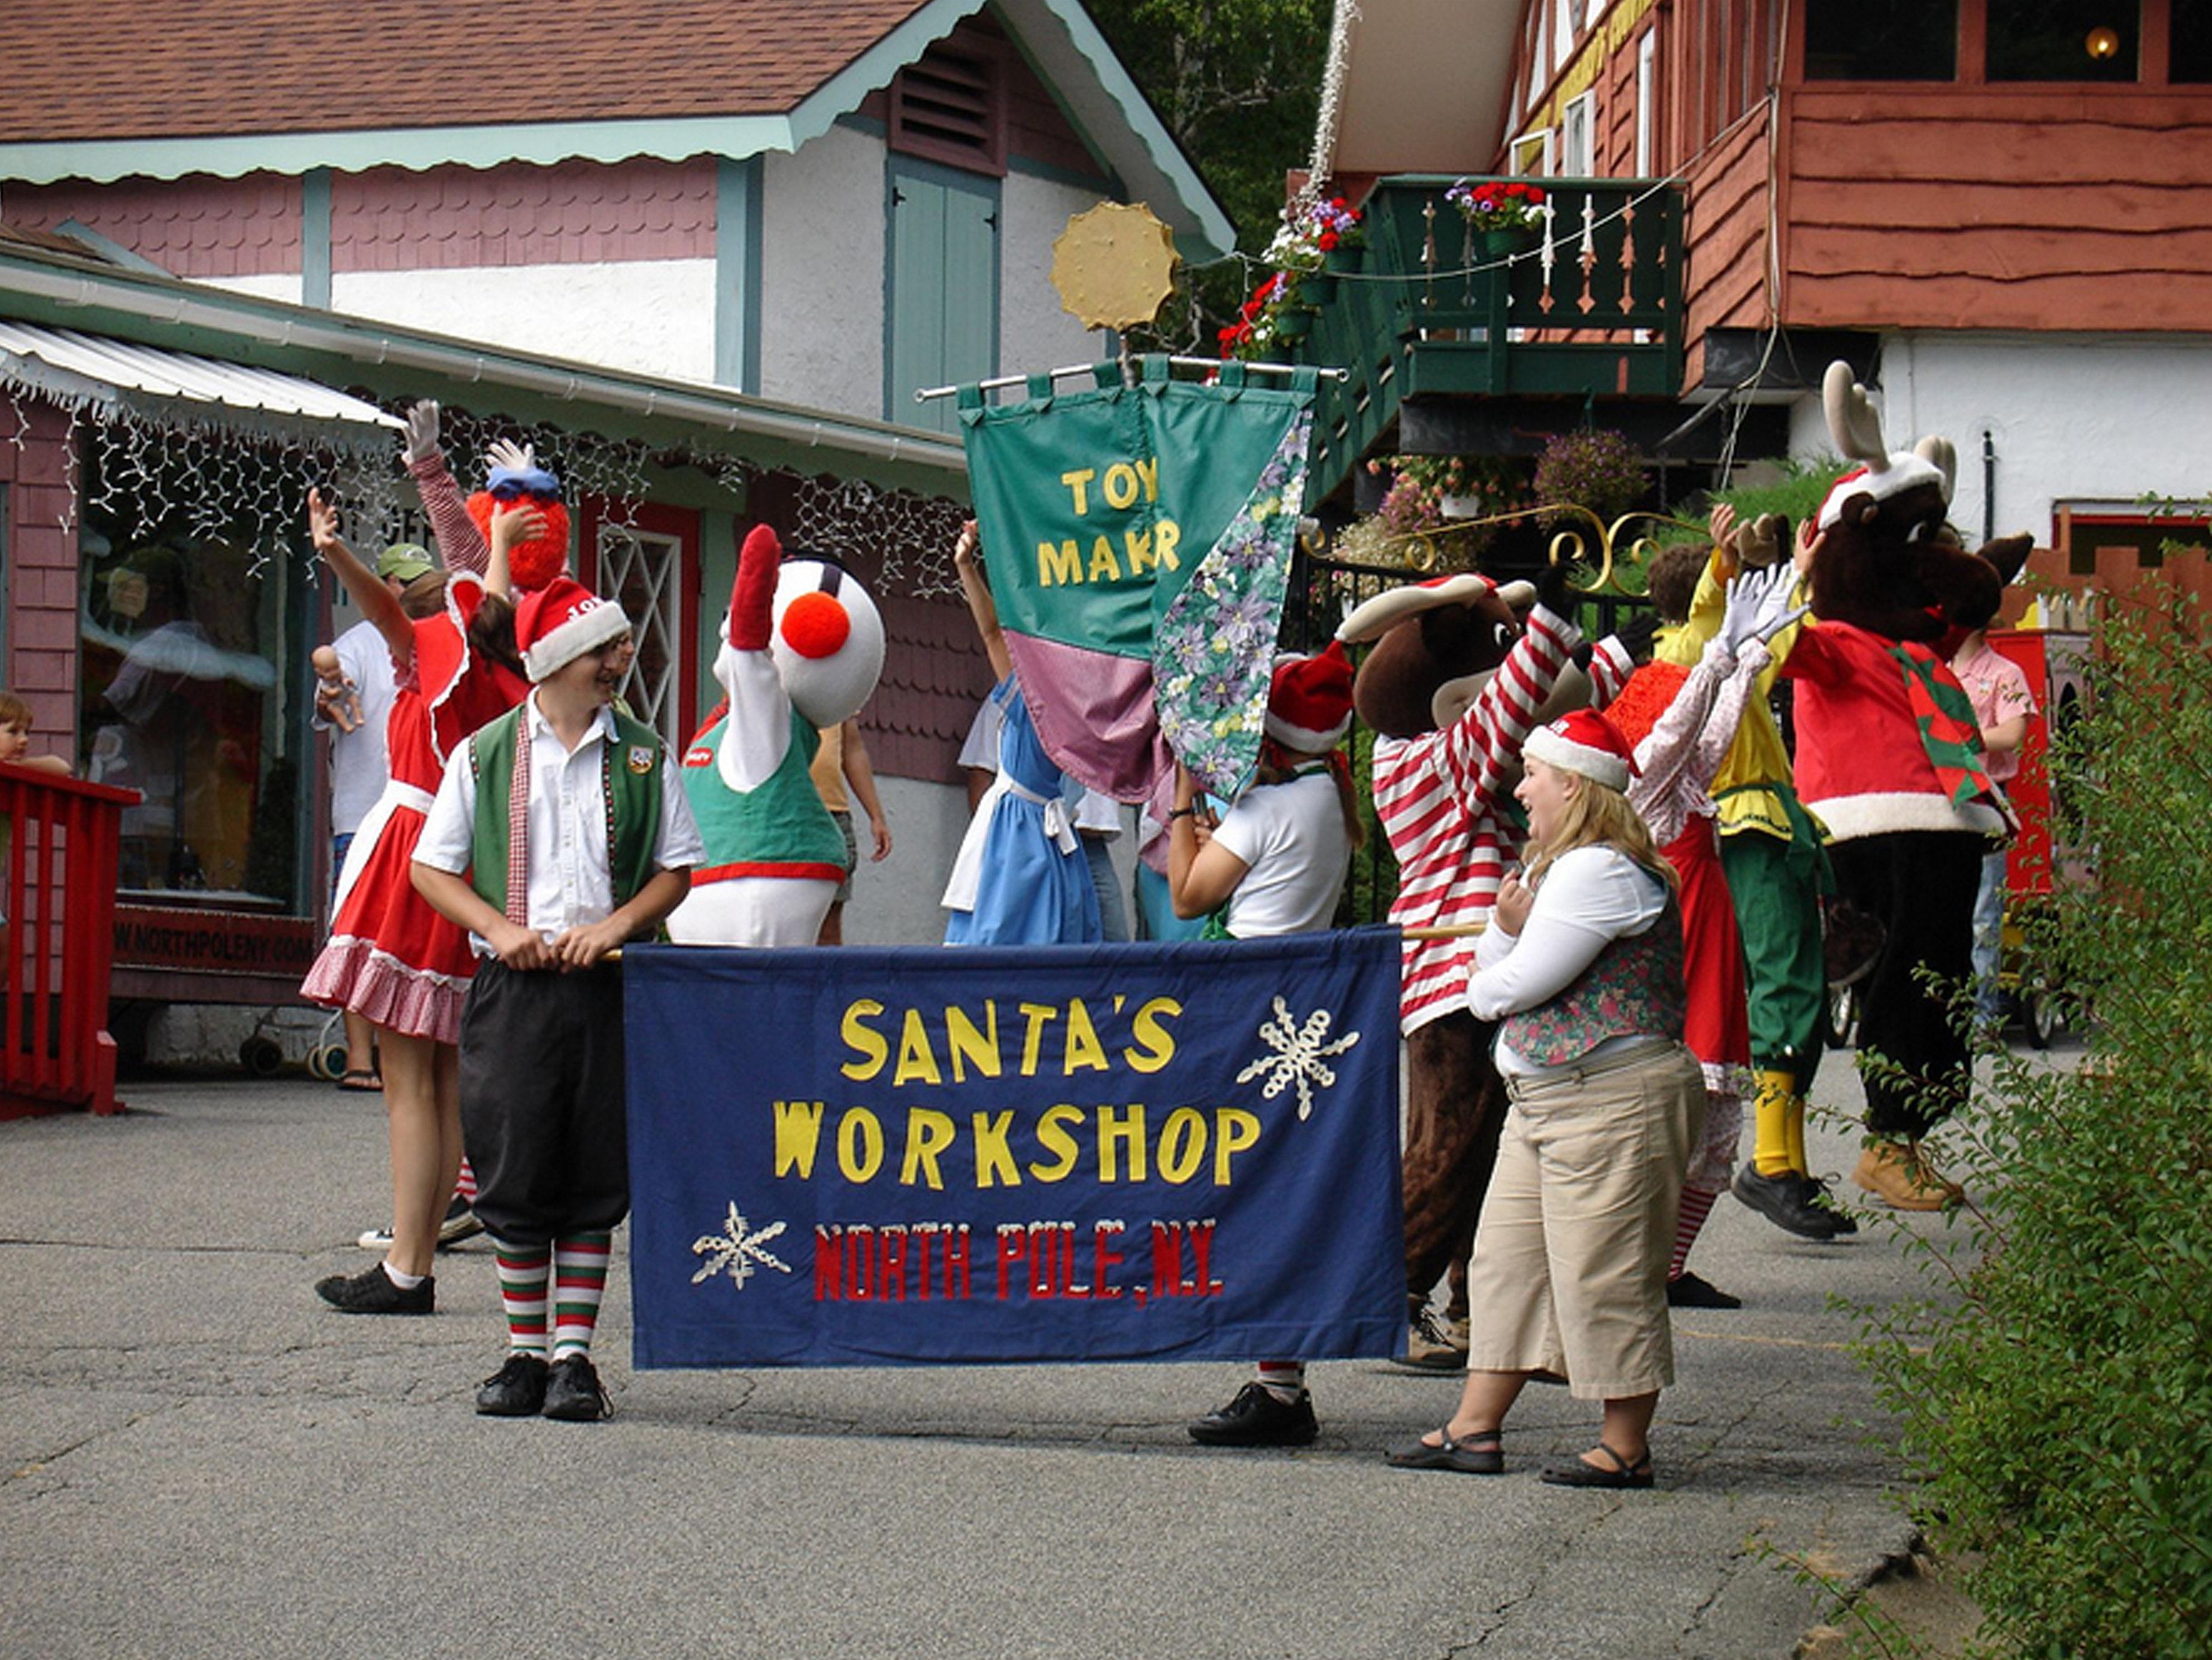 North Pole, NY home of Santa's Workshop | SANTA CLAUS PARADE